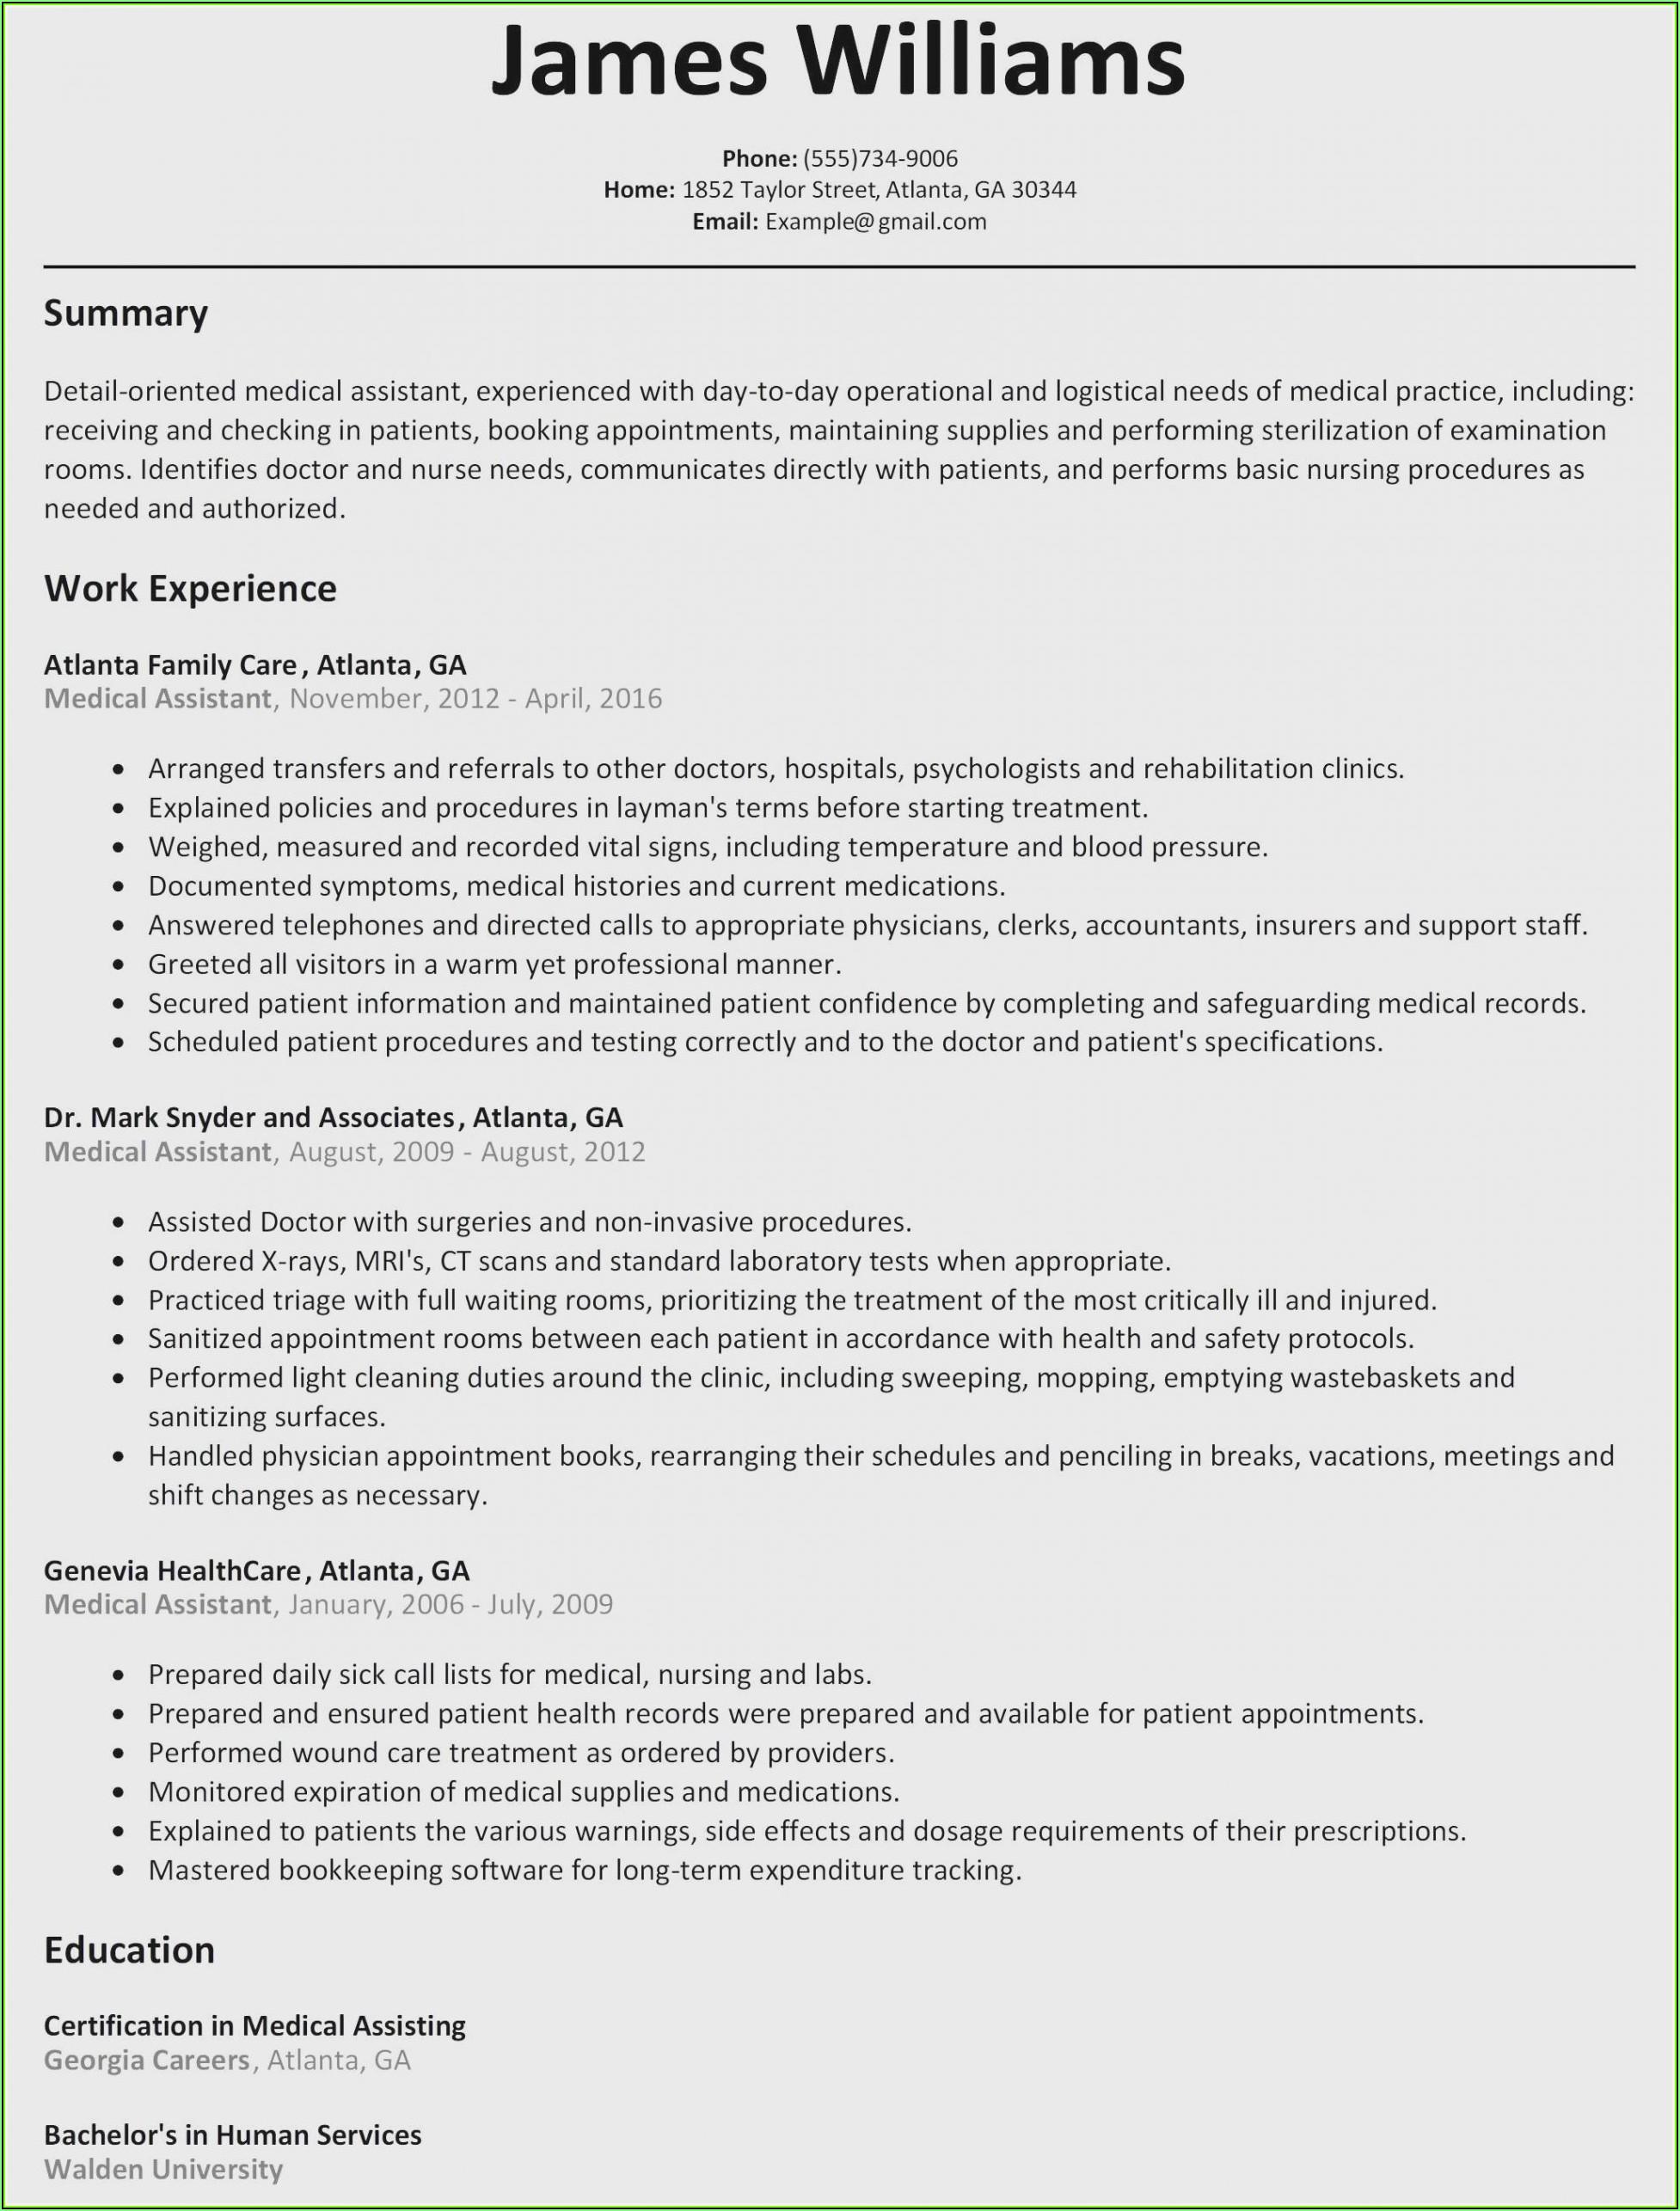 Resume Template Electrician Australia